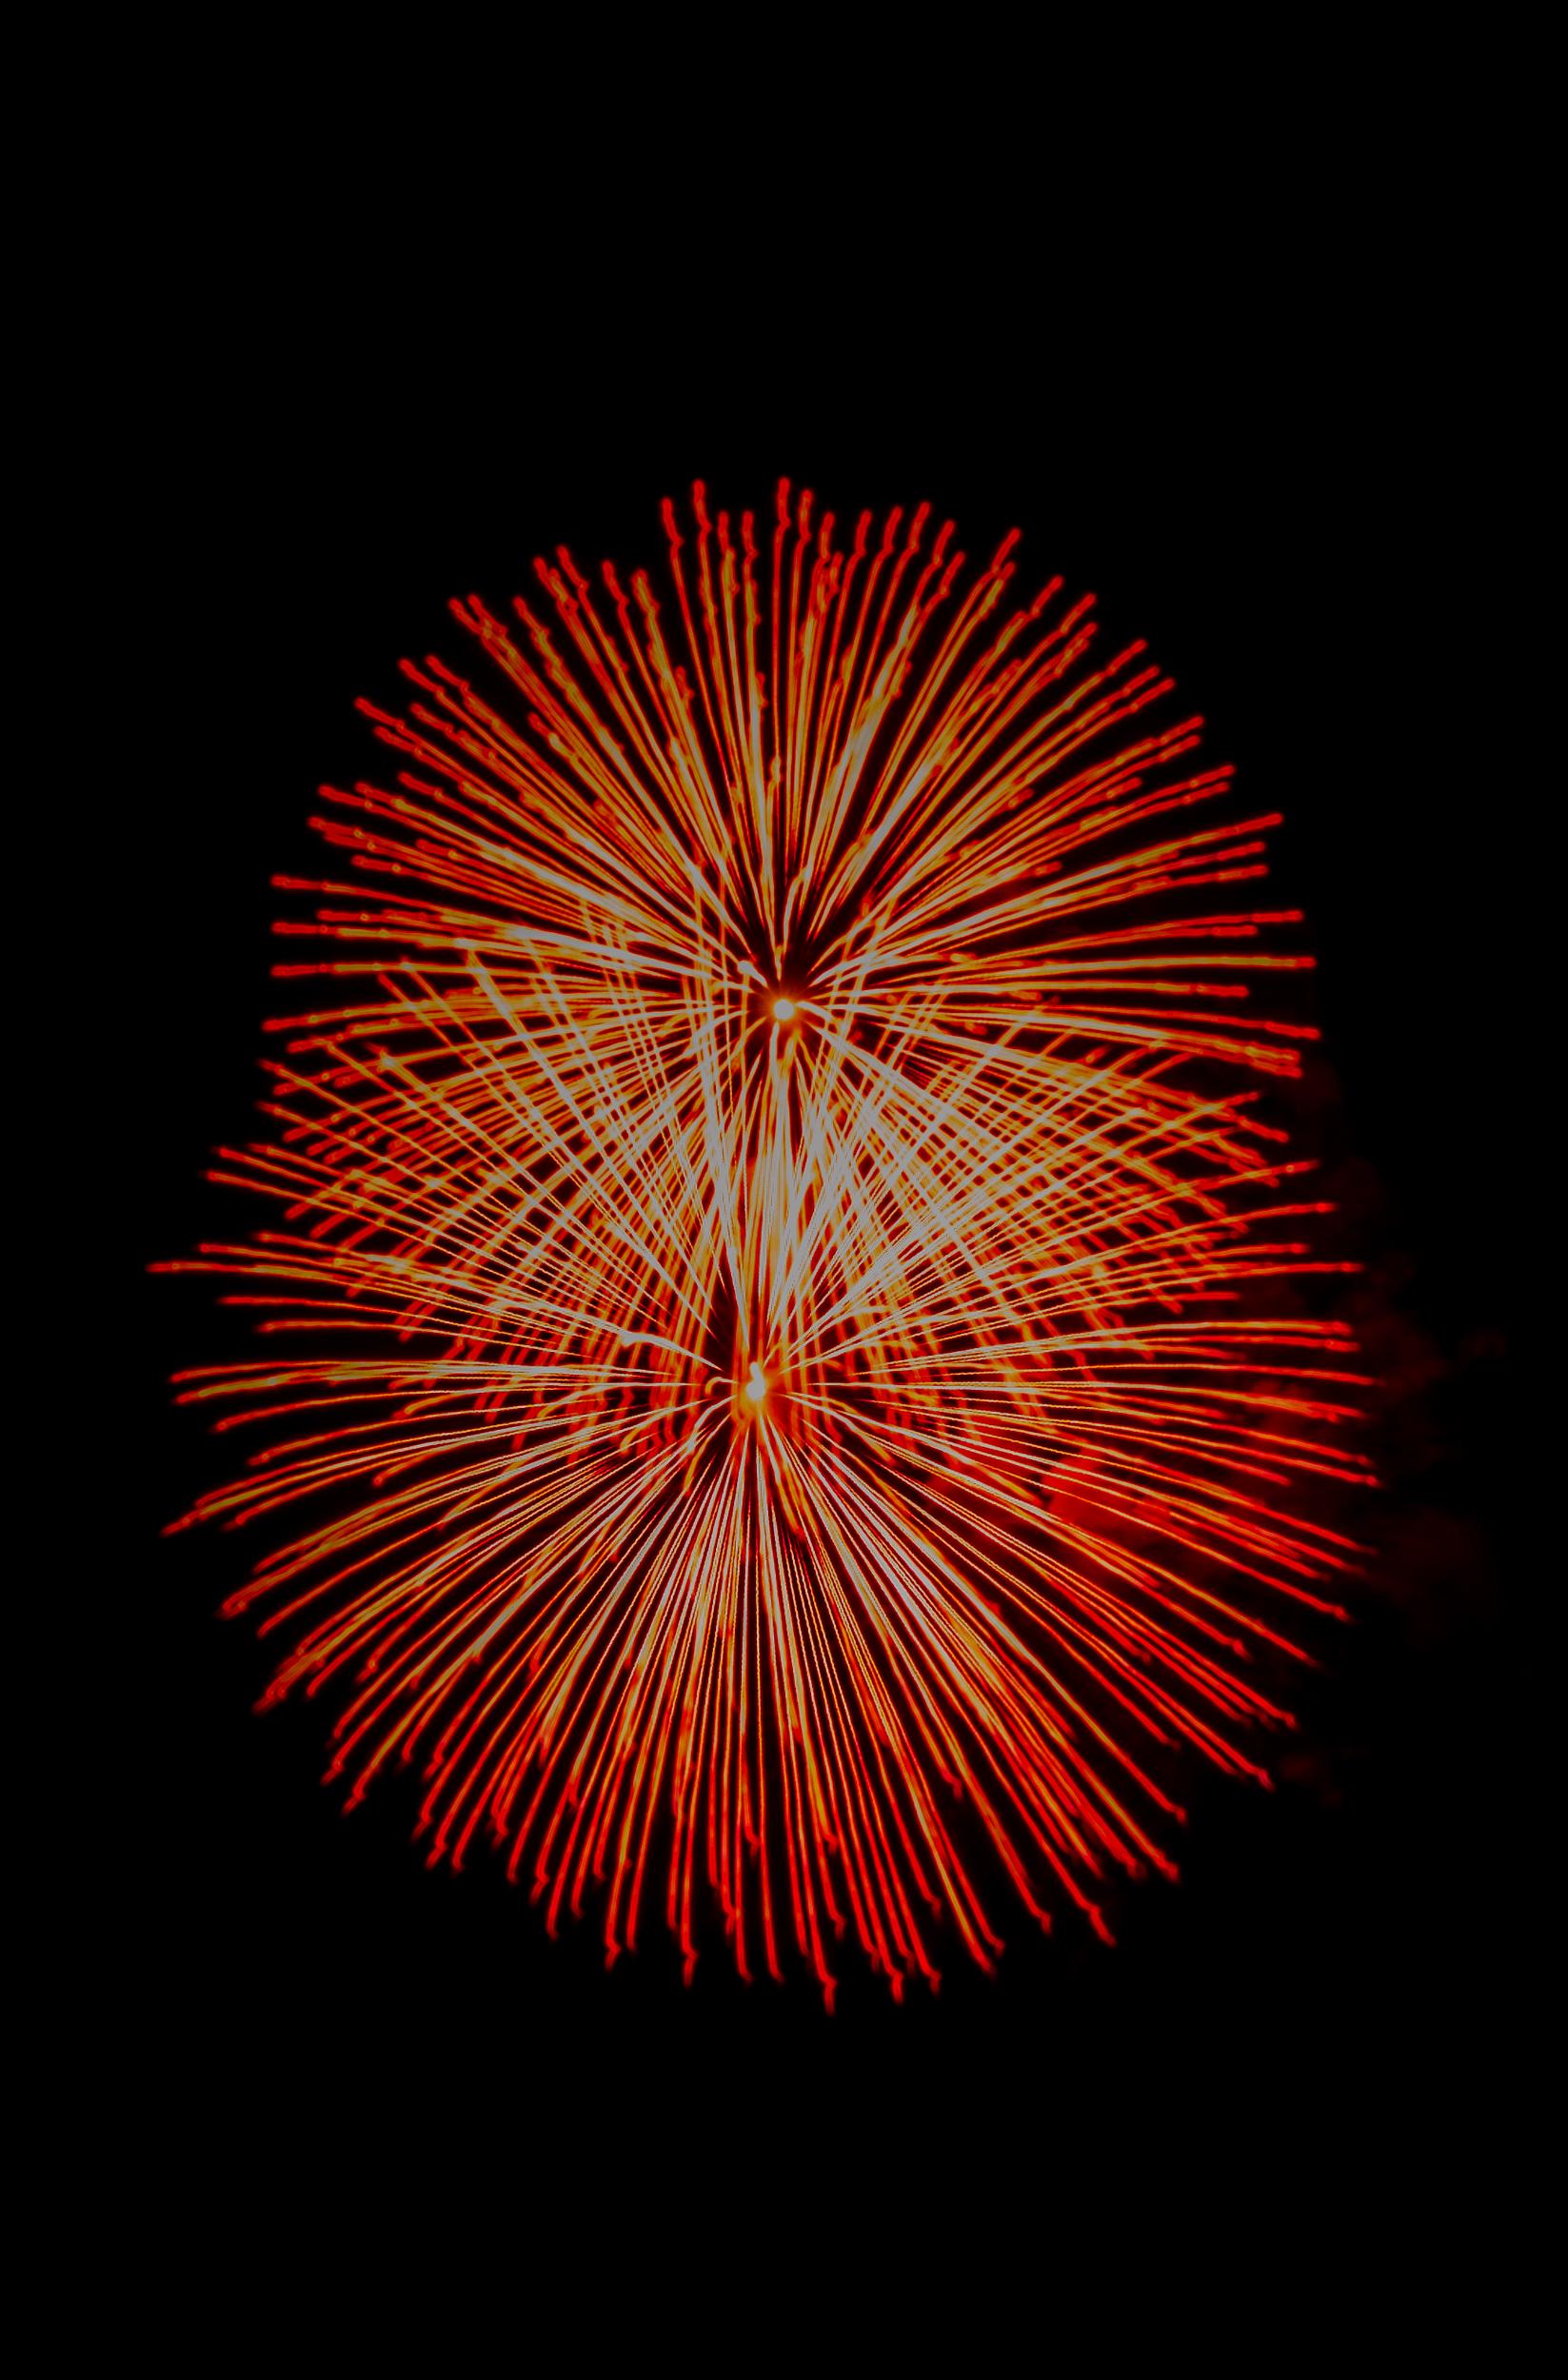 Rockets Red Glare  Nikon D7000 ISO 400 f/18 30mm 4 sec.